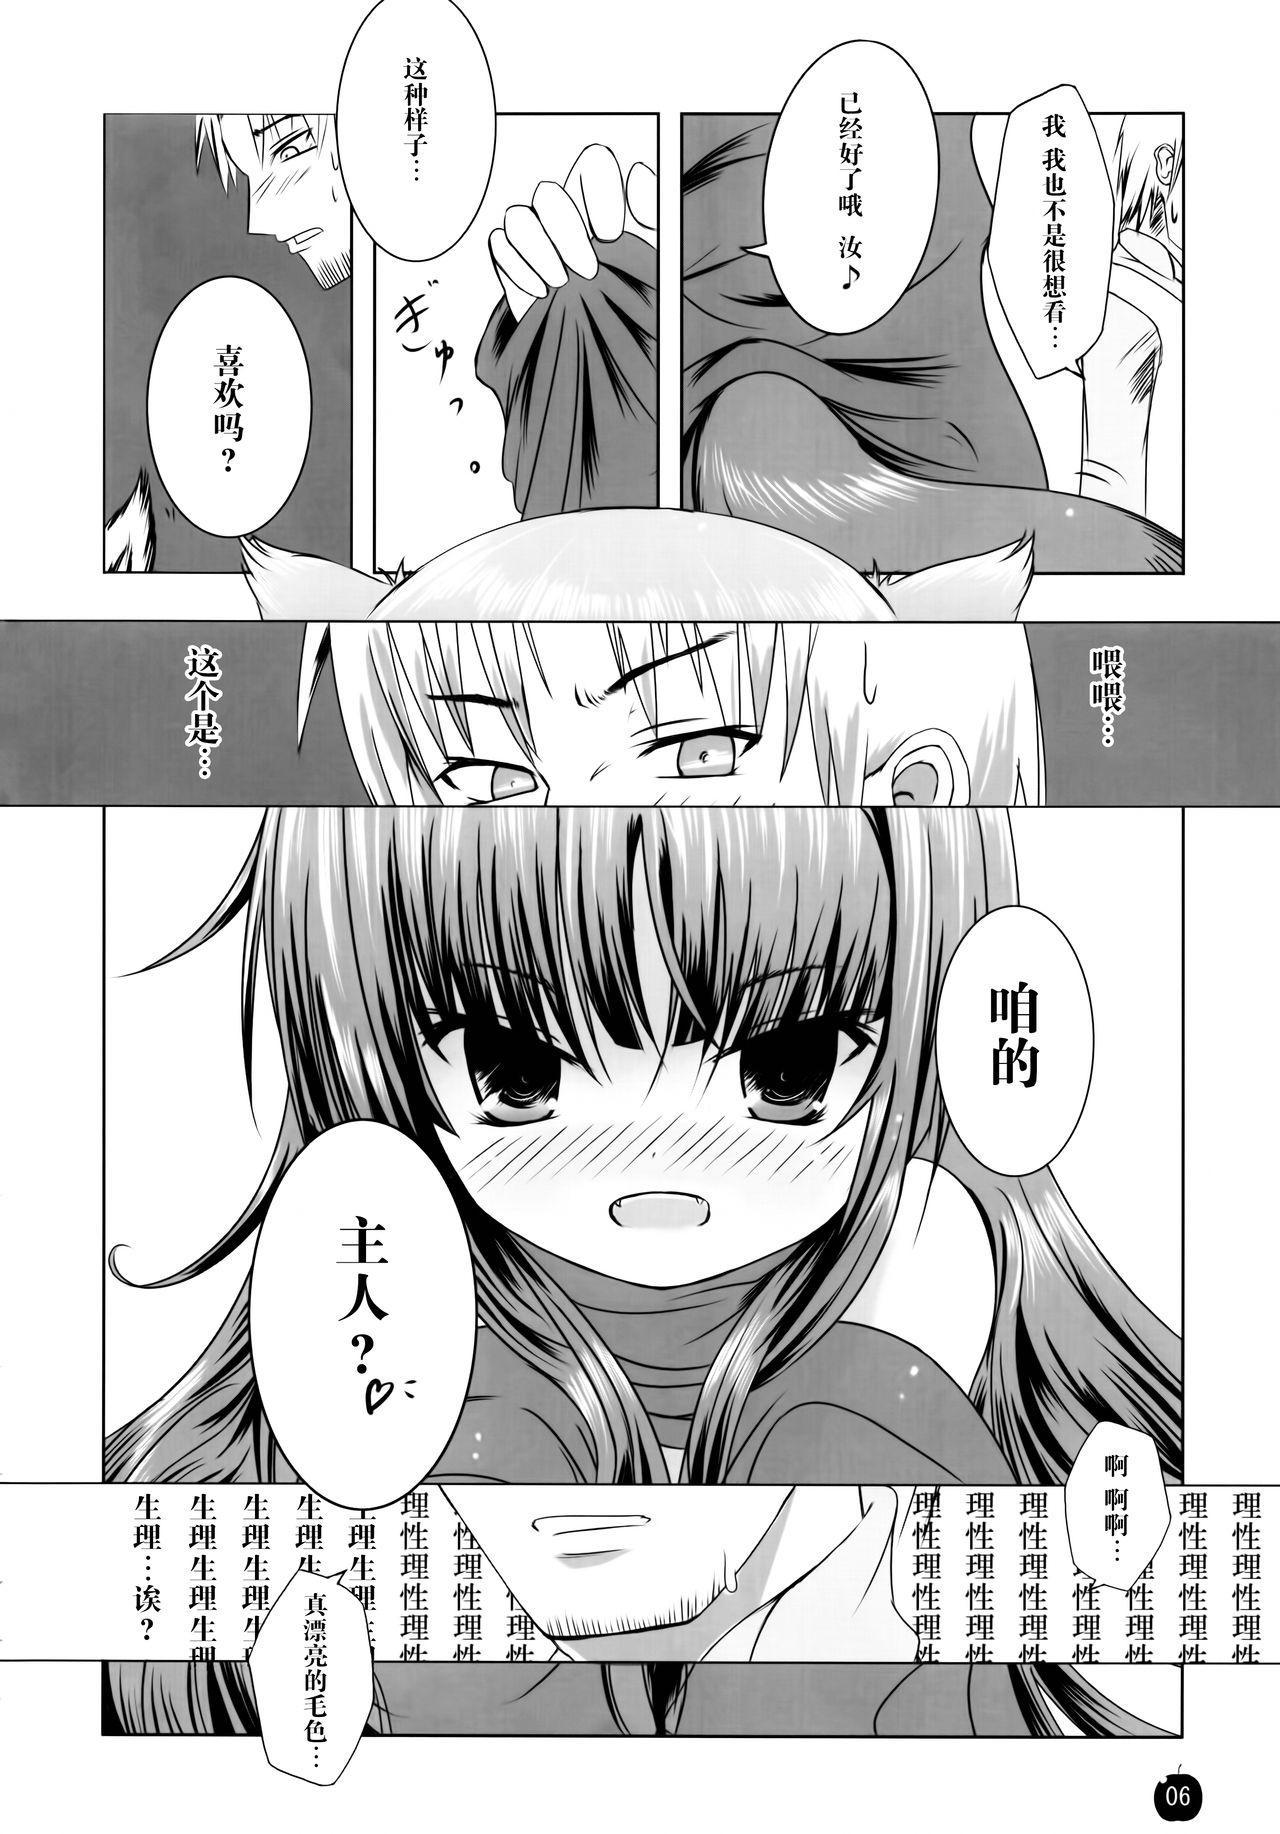 Amairo no Kimi o Aisu 5